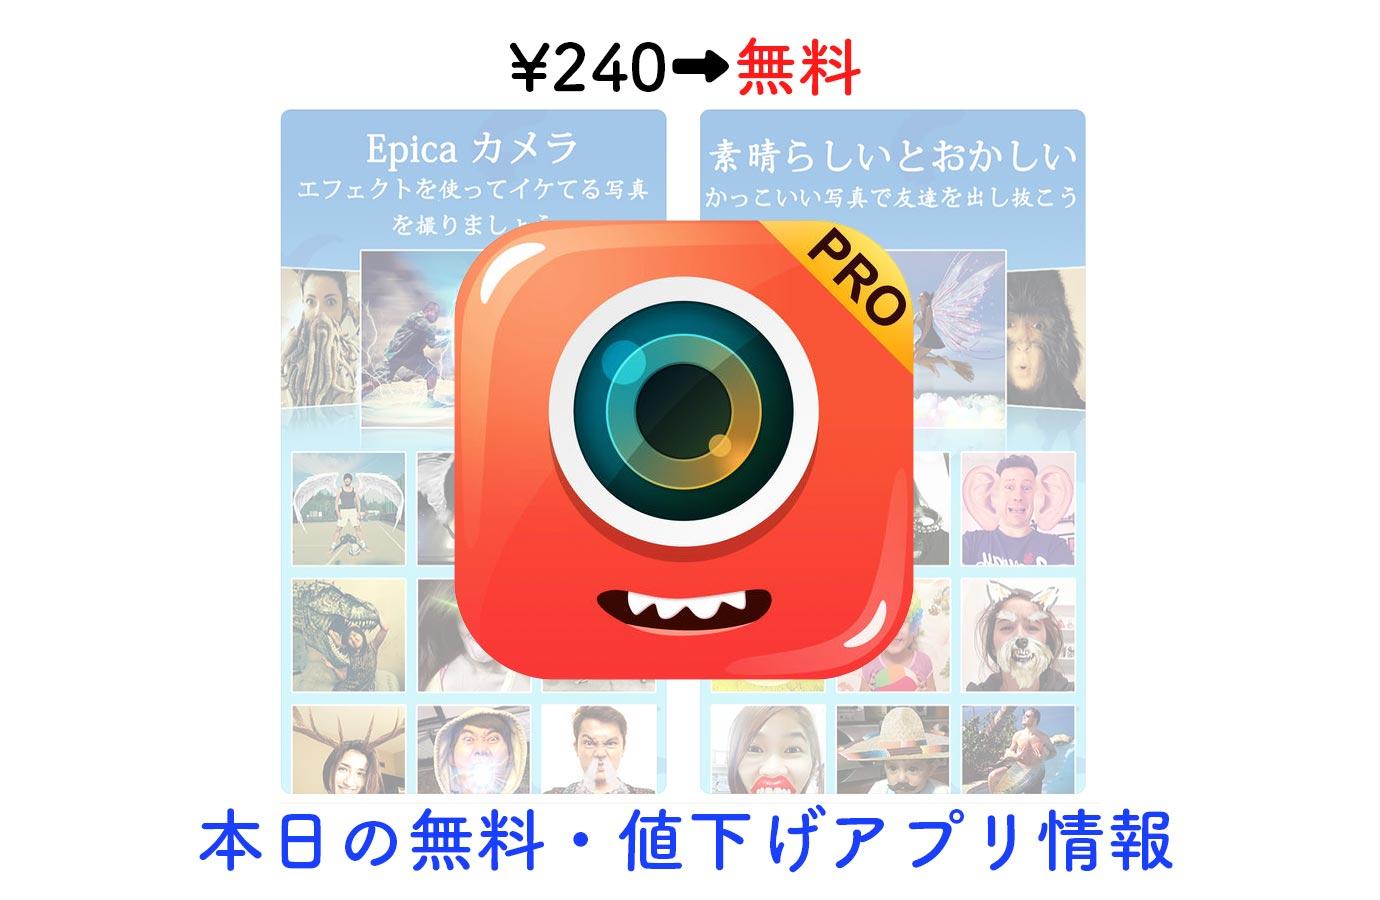 ¥240→無料、変わった合成写真が作れる写真加工アプリ「Epica Pro」など【2/23】本日の無料・値下げアプリ情報